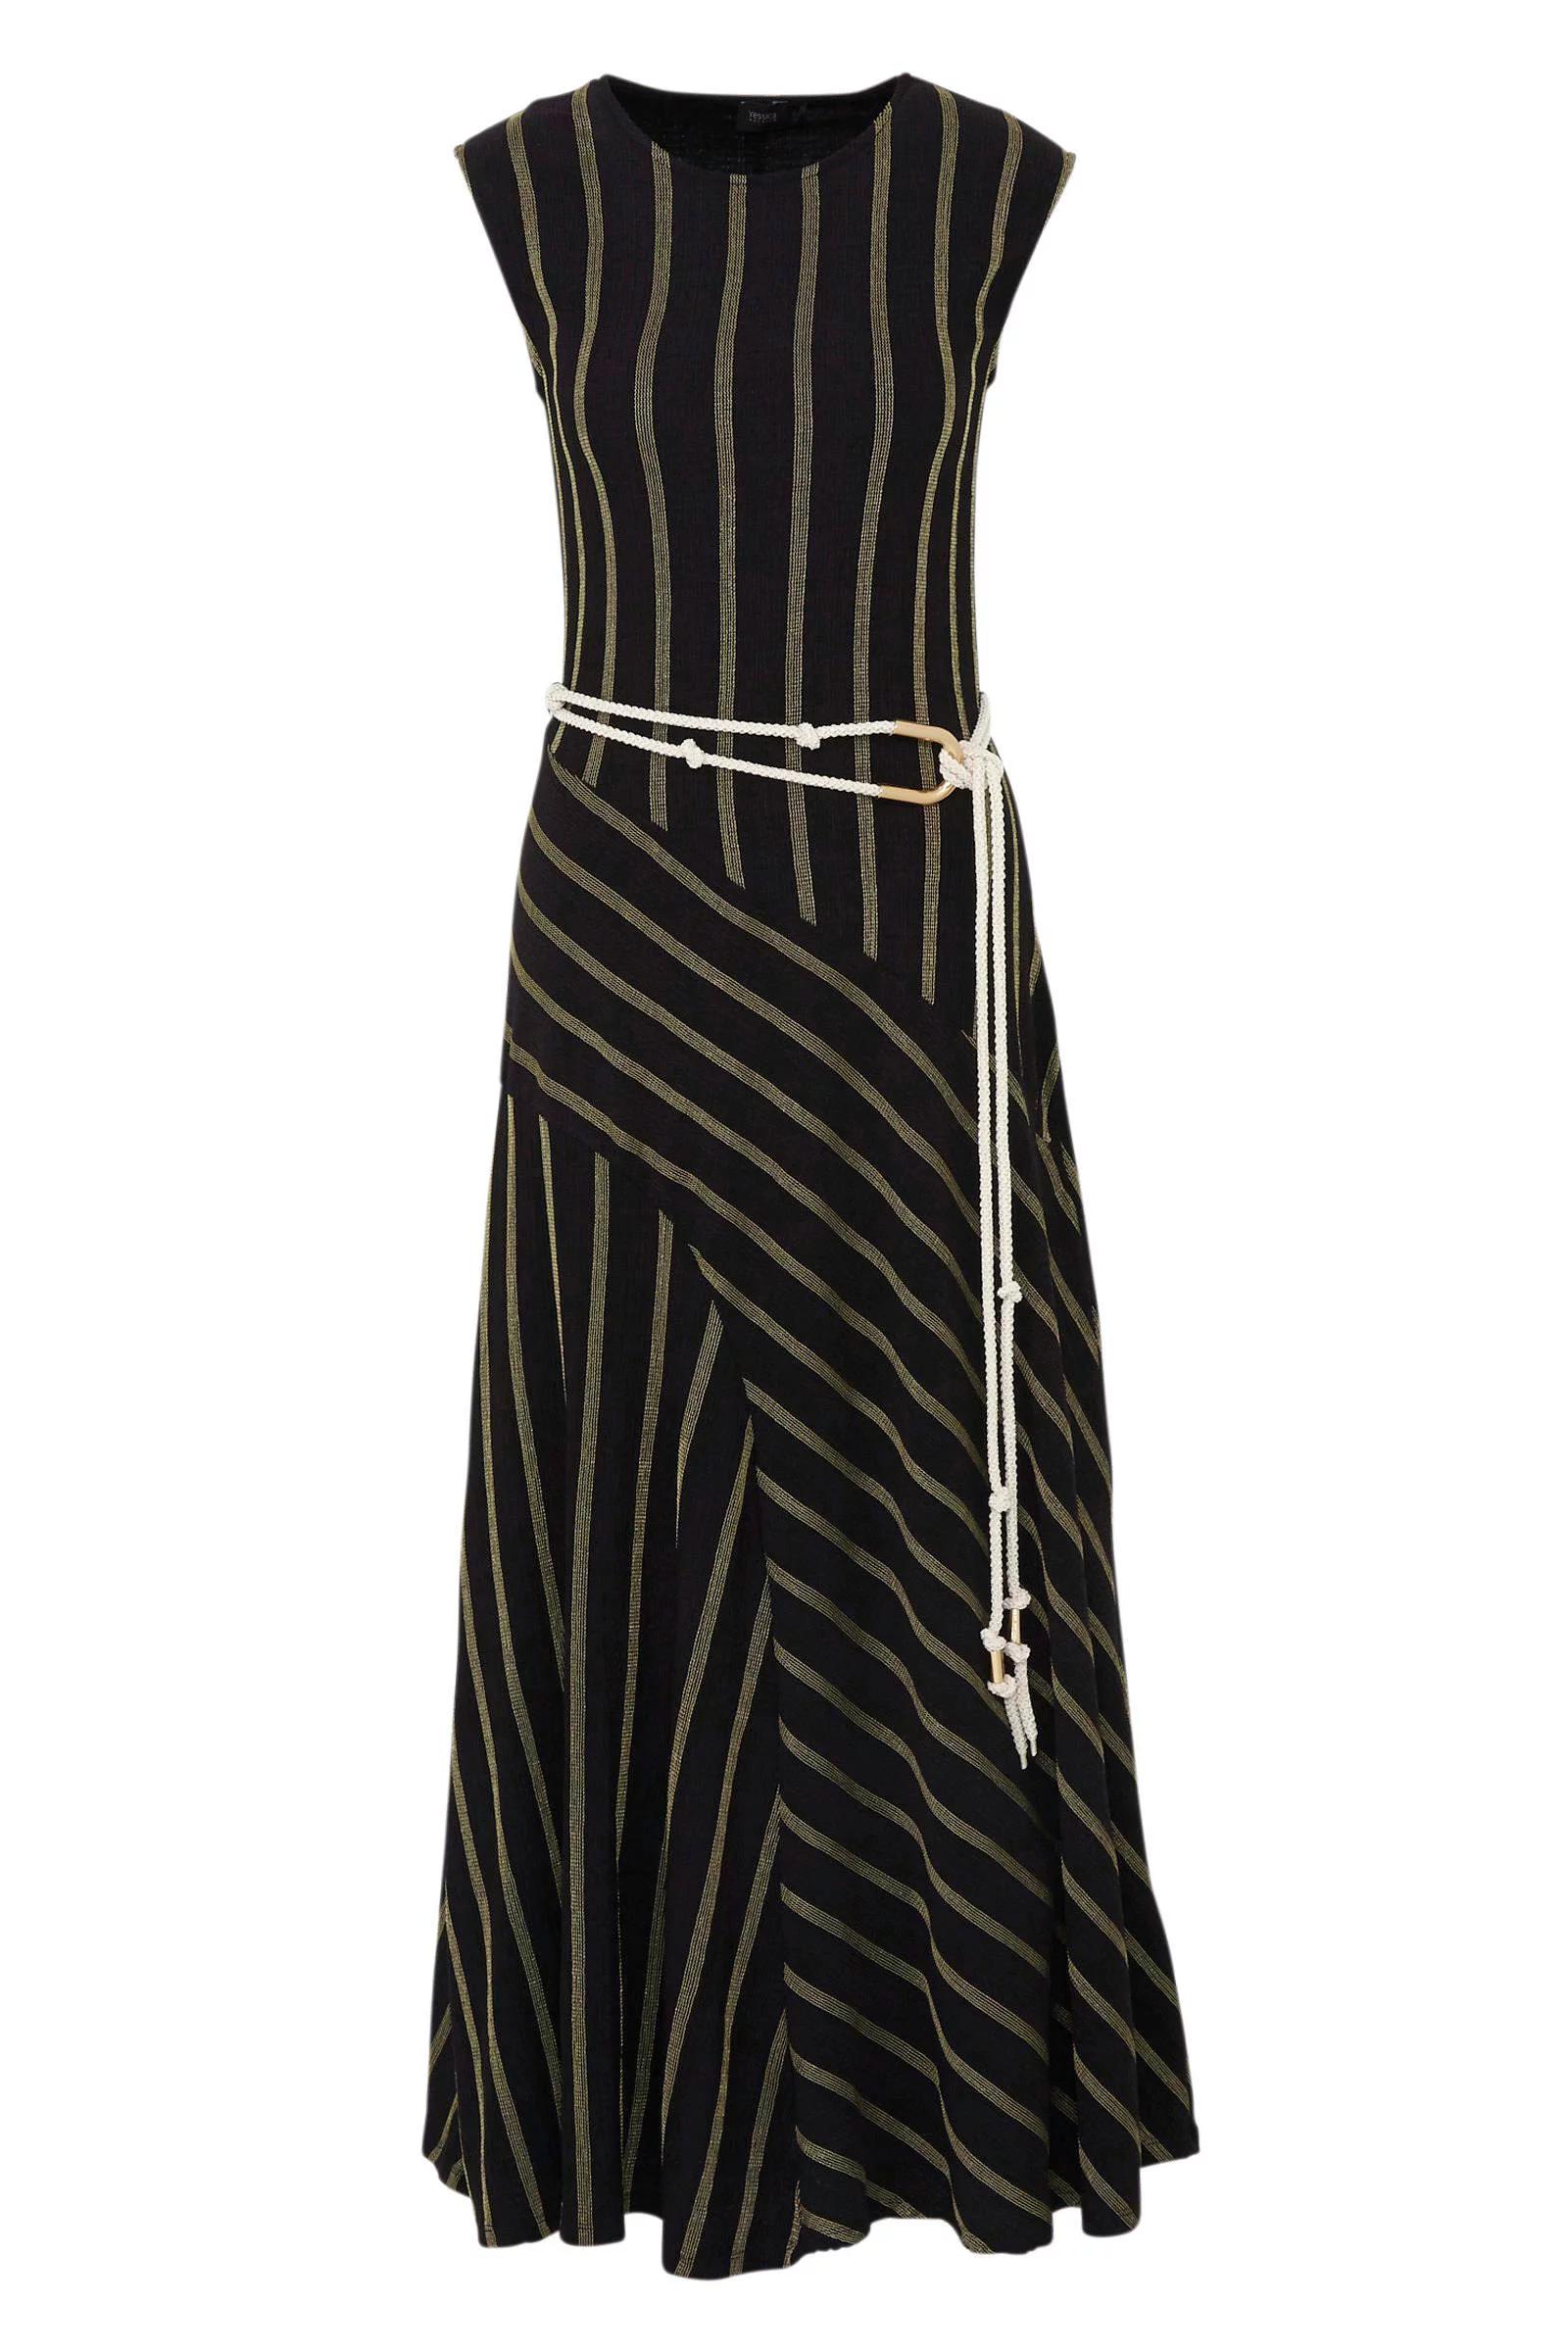 c&a kanten jurken maxi